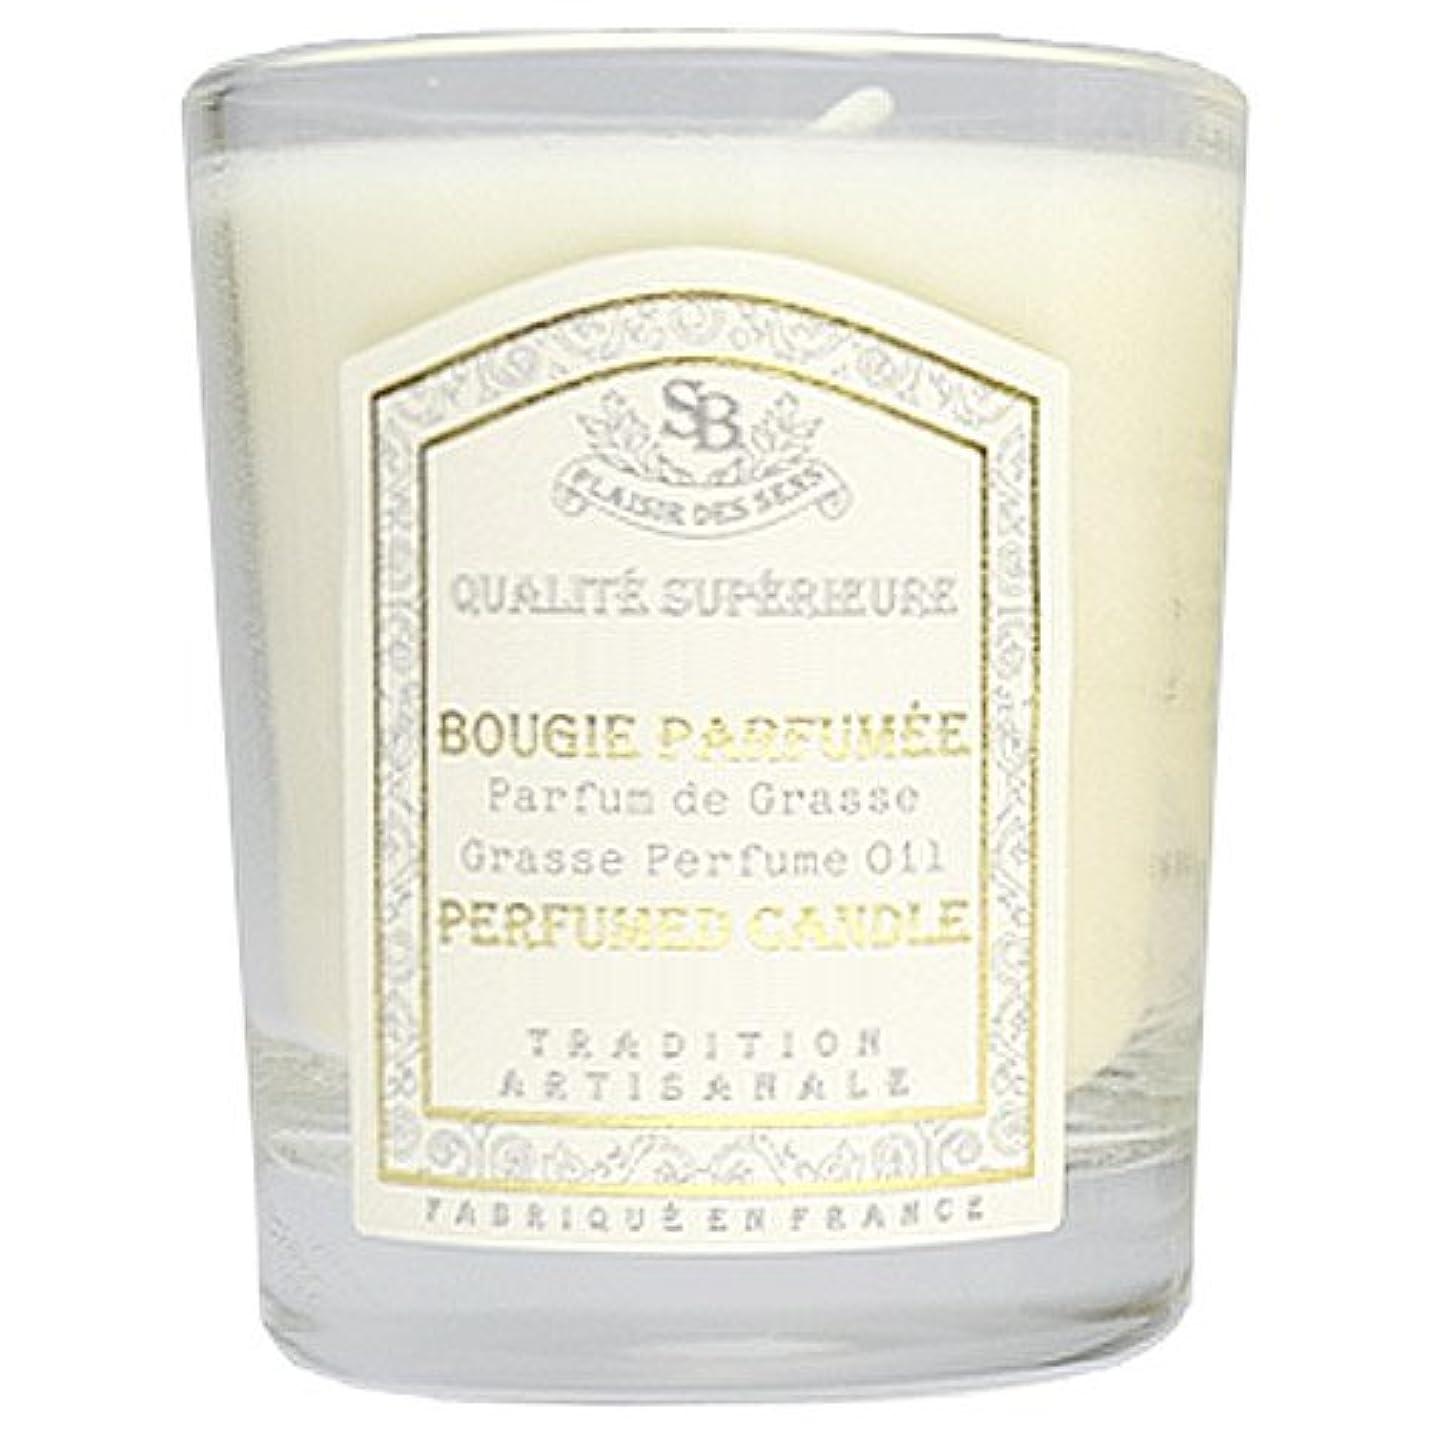 炭水化物融合免疫するSenteur et Beaute(サンタールエボーテ) フレンチクラシックシリーズ グラスキャンドル 90g 「コットンリネン」 4994228021984